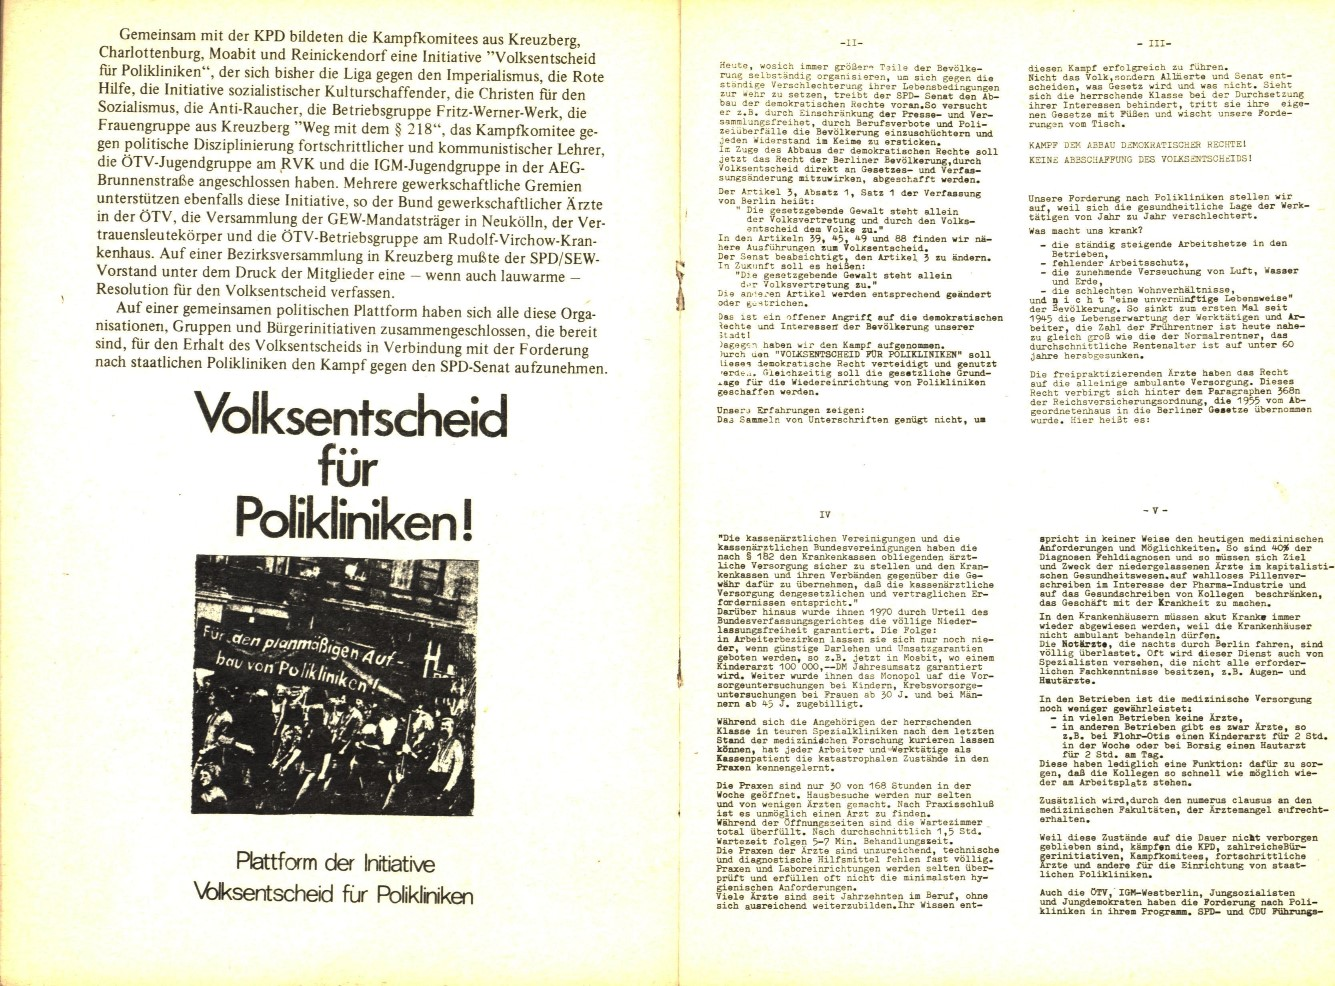 Berlin_KPDAO_1974_Volksentscheid_fuer_Poliklinken_17